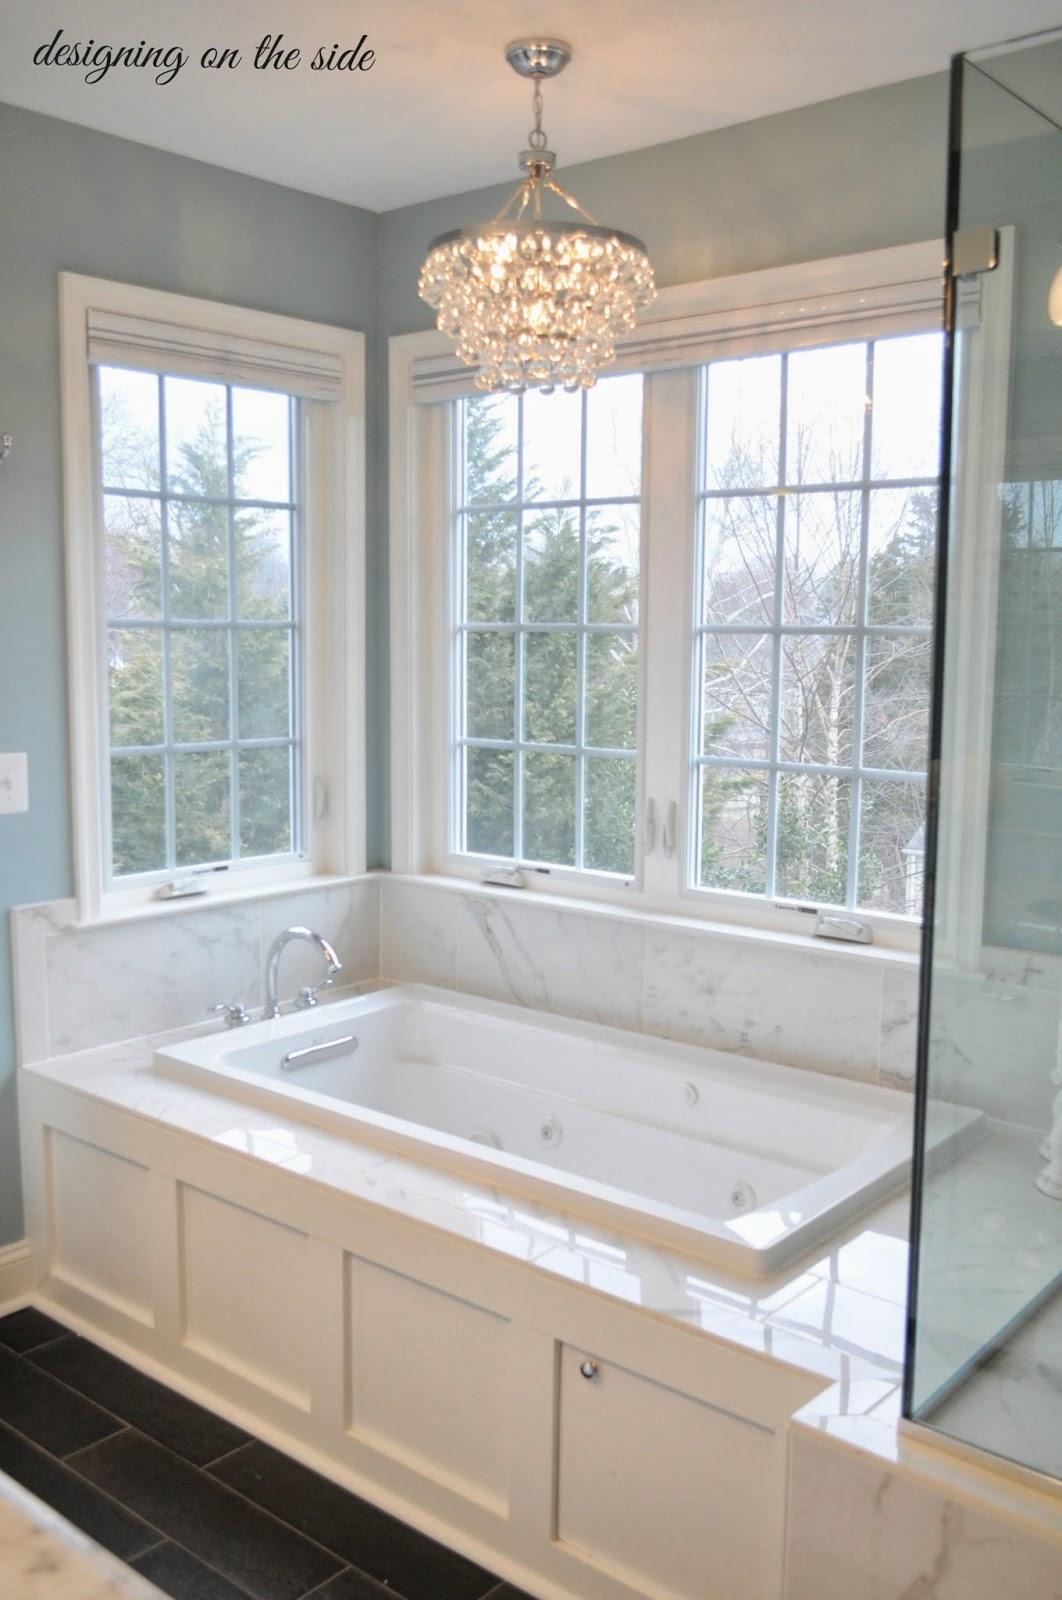 designing on the side master bath reveal. Black Bedroom Furniture Sets. Home Design Ideas